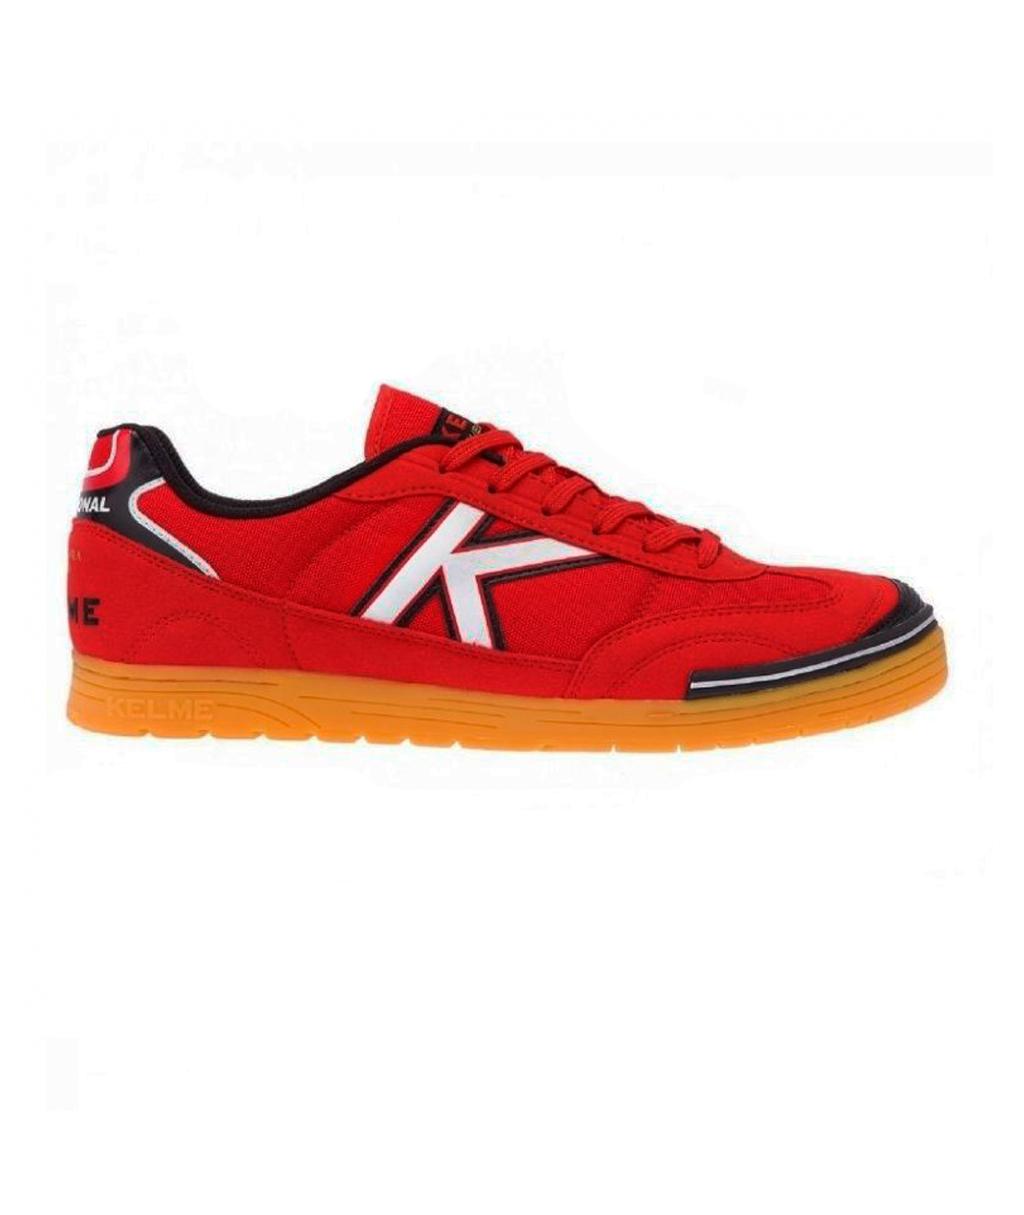 Красные футзалки Kelme Trueno Sala 55786-130